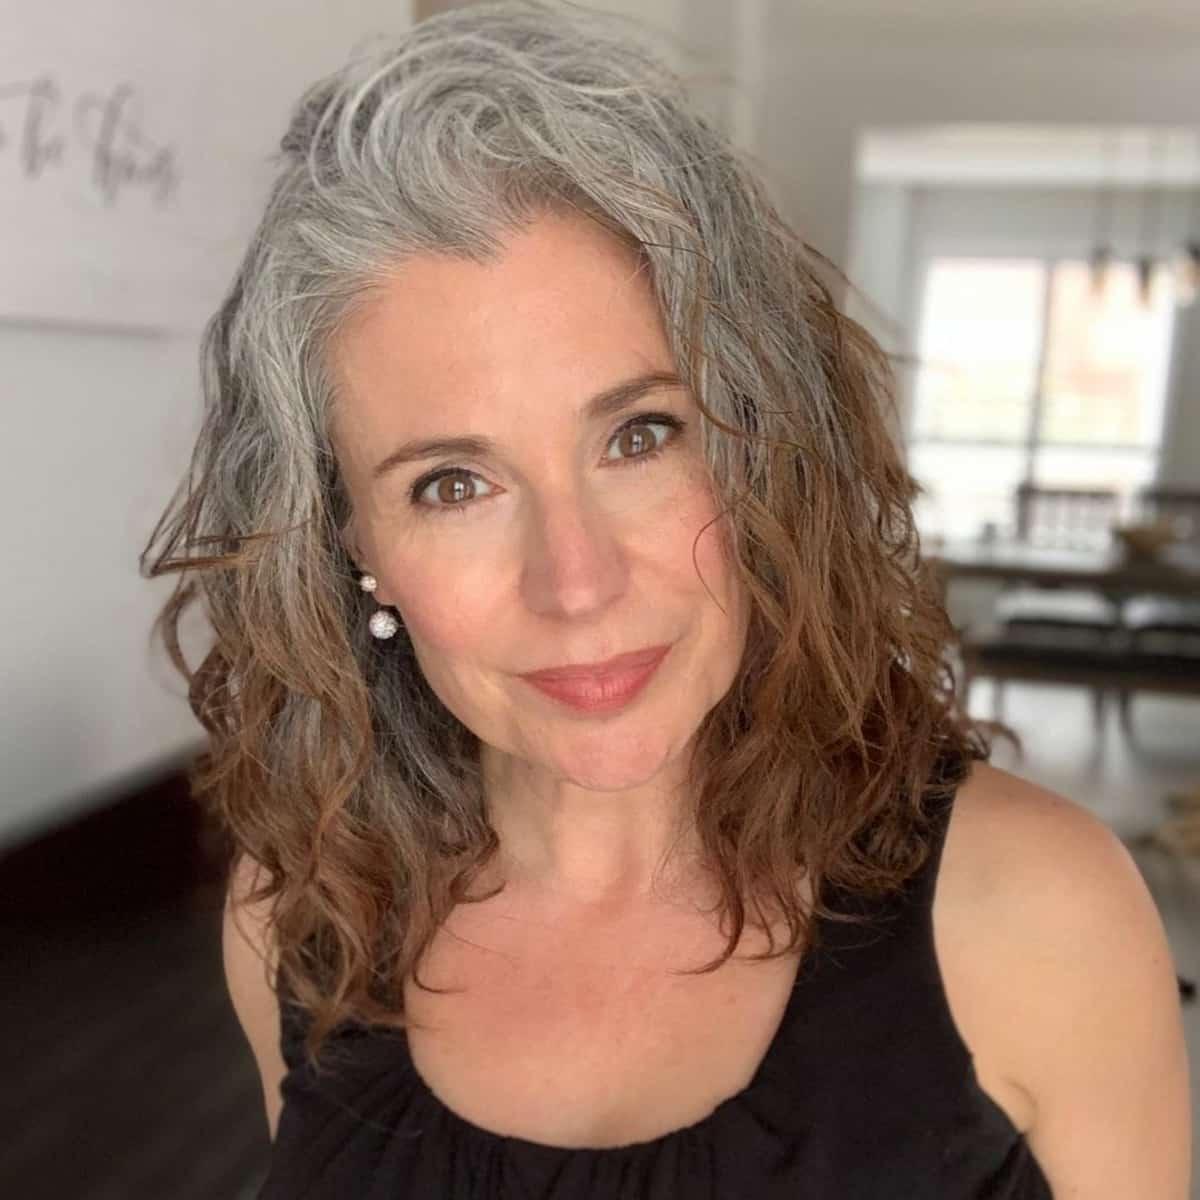 Lob ondulé avec ombre pour les femmes de plus de 50 ans aux cheveux épais.